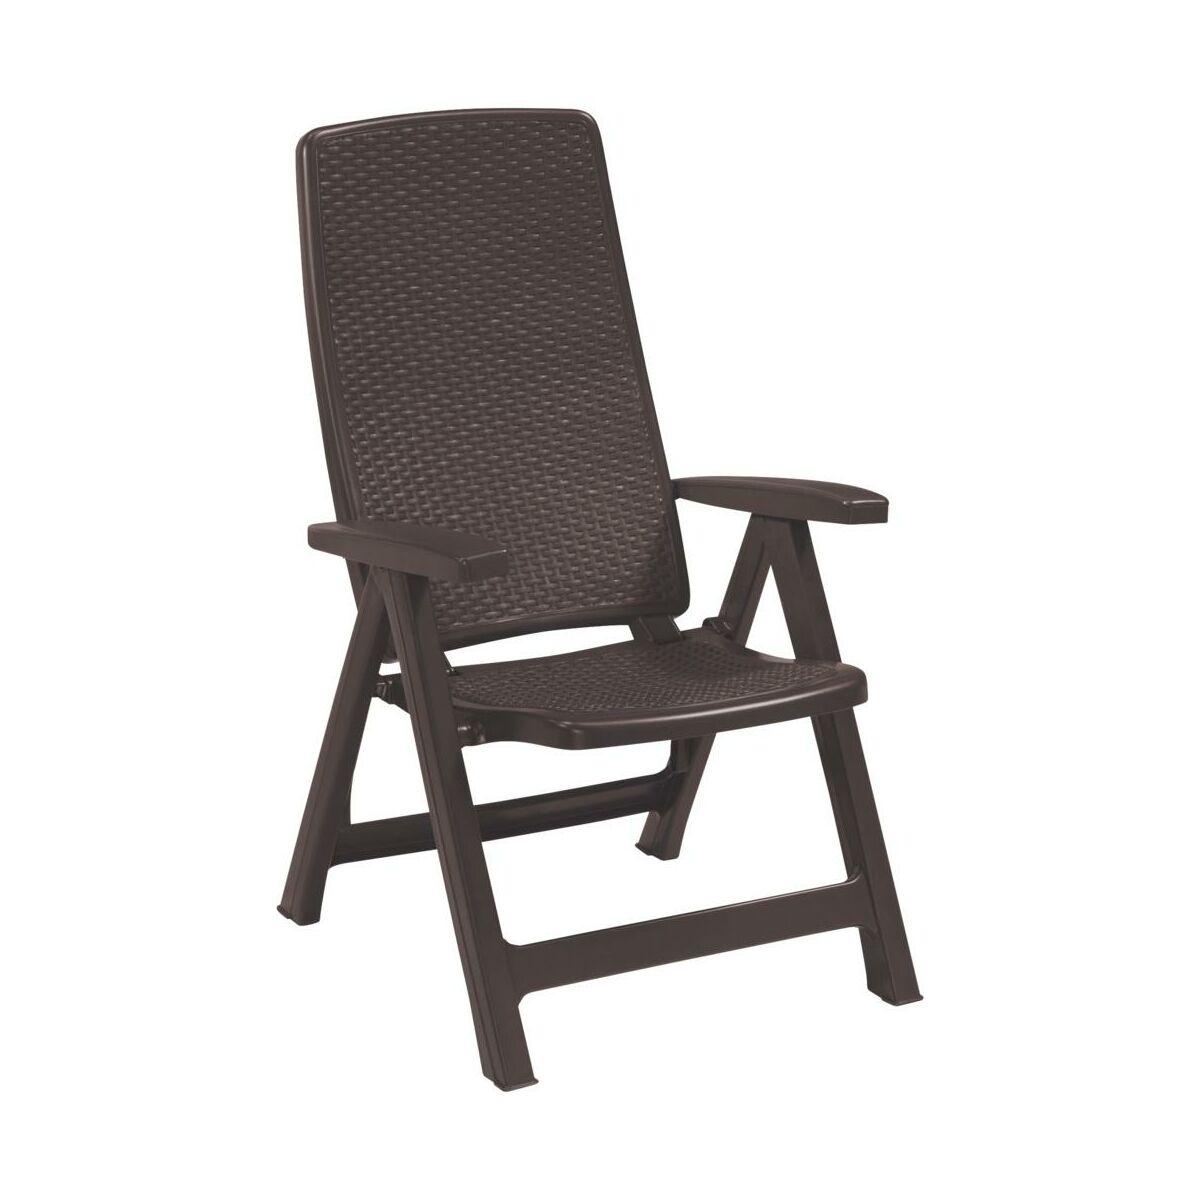 Leroy Merlin Szczecin Meble Ogrodowe :  fotele ogrodowe  w atrakcyjnej cenie w sklepach Leroy Merlin